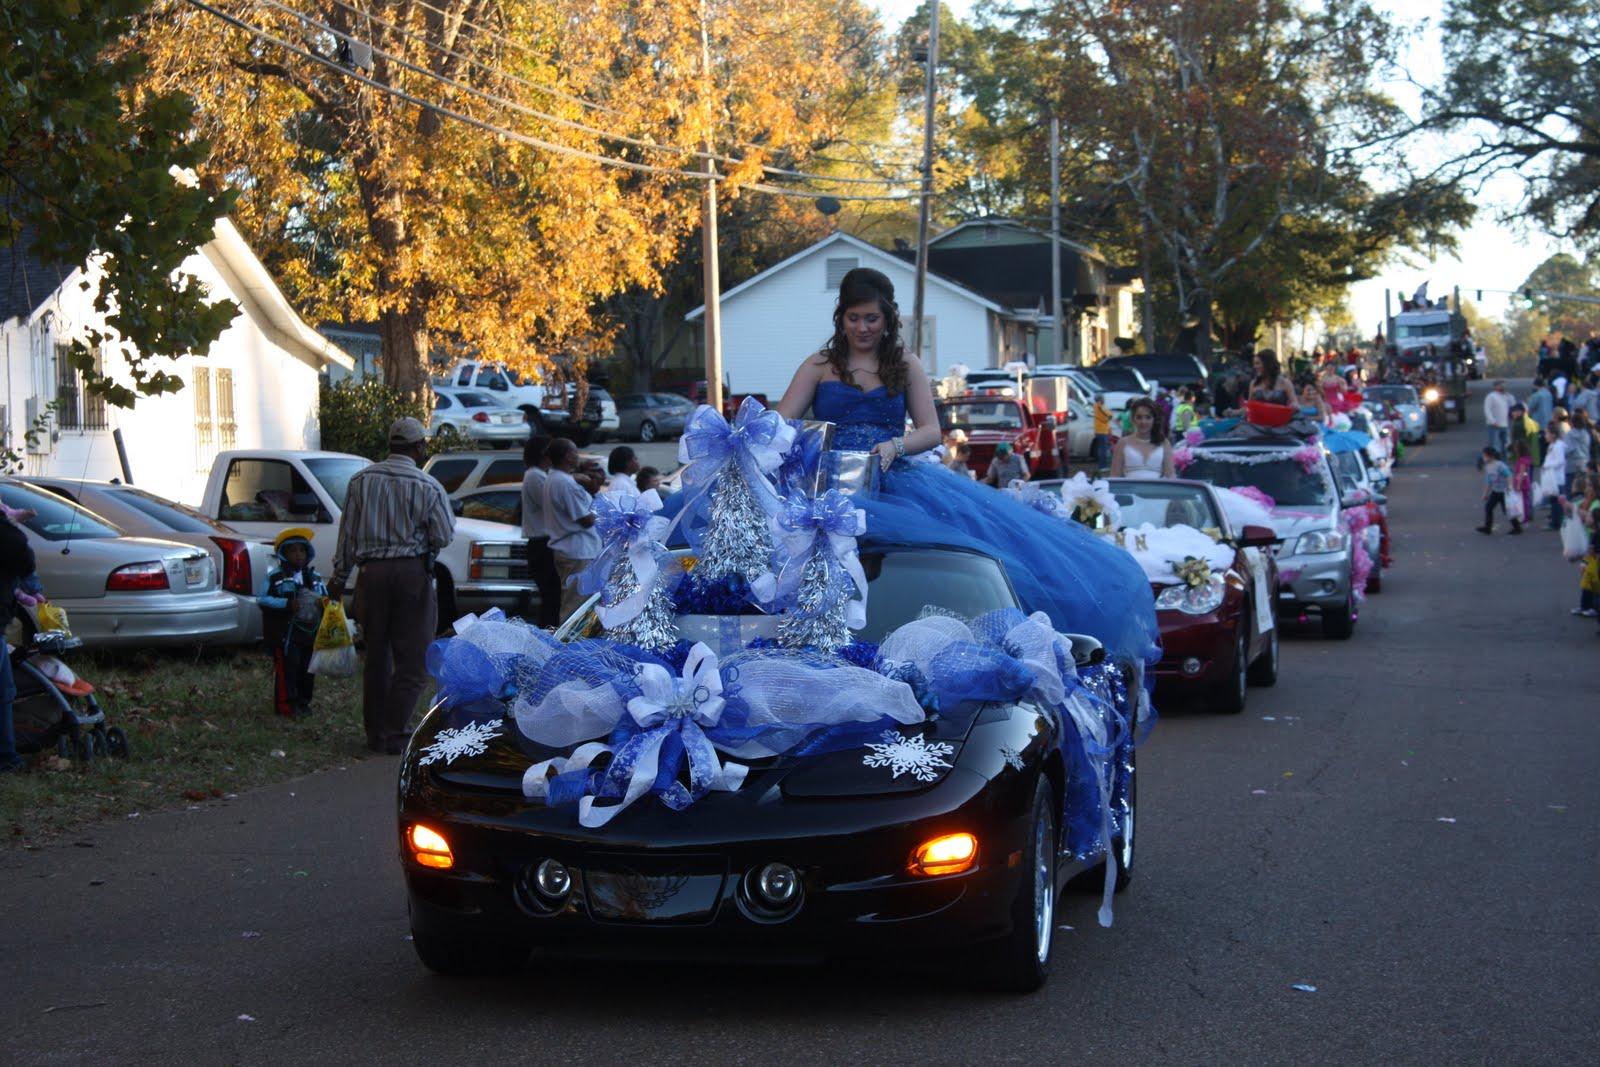 Christmas parade ideas - Tuesday December 7 2010